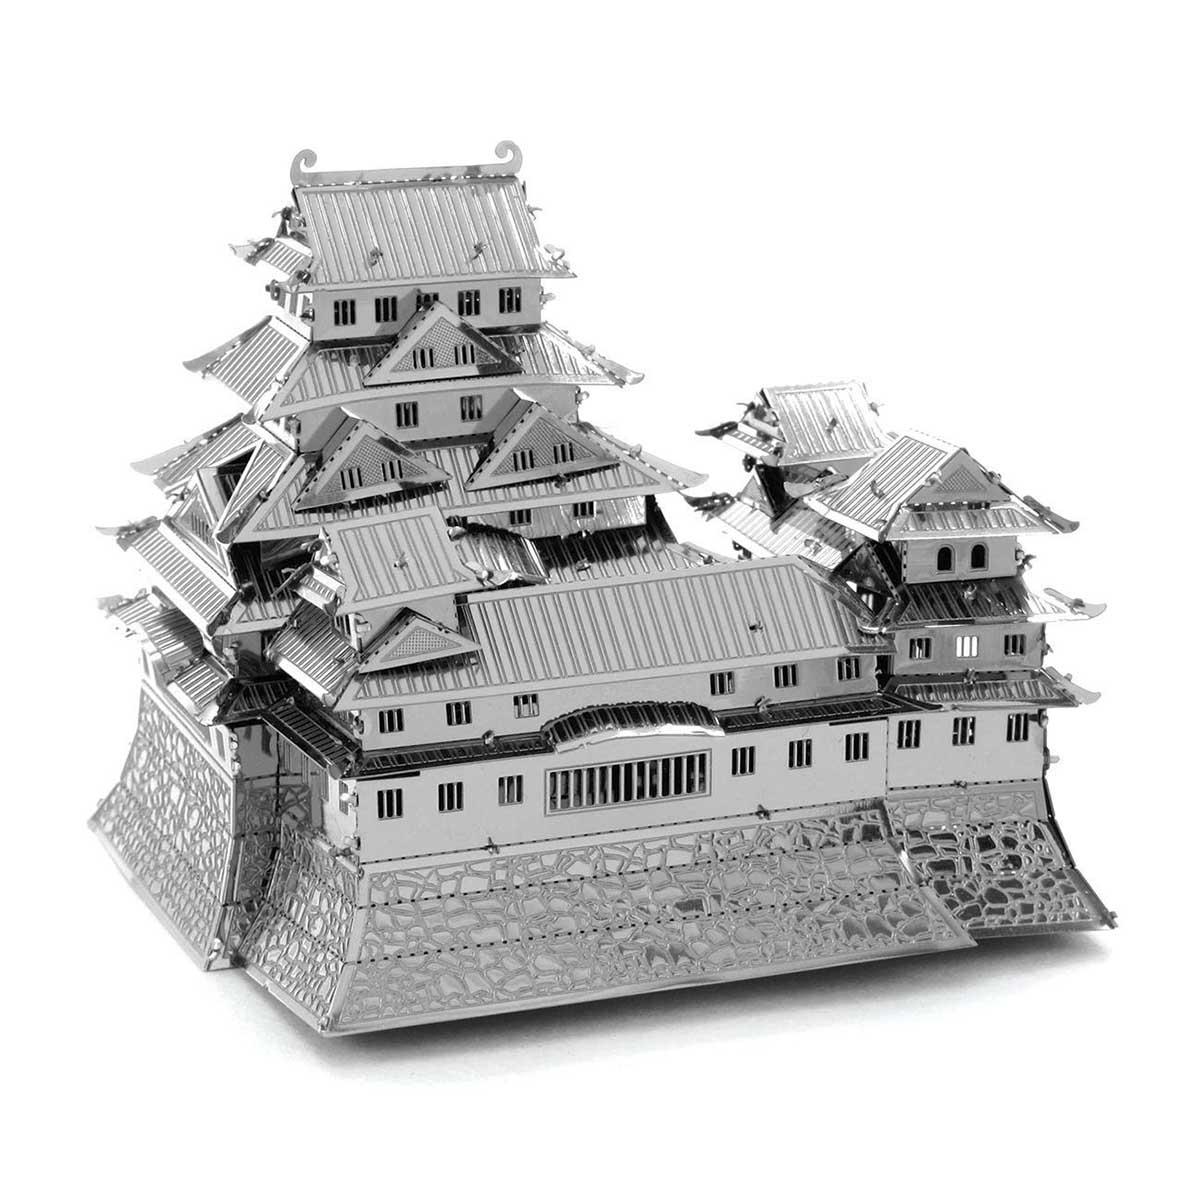 Himeji Castle Castles 3D Puzzle